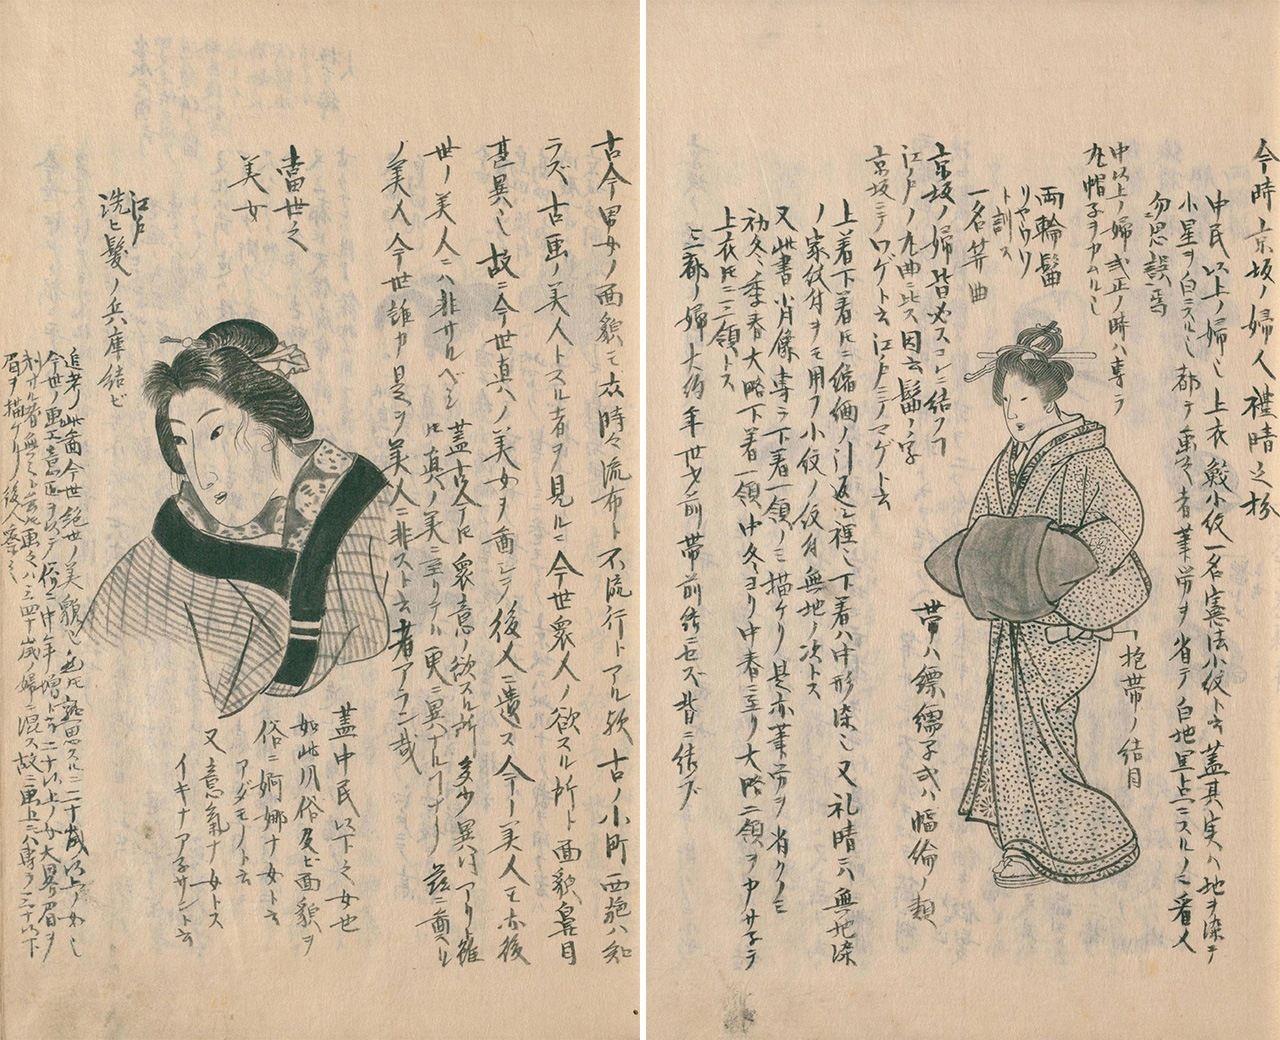 Слева – «Нынешняя красавица в Эдо», справа – «Современная замужняя женщина в Кэйхан»; различия в использовании аксессуаров для волос сохраняются и в наши дни